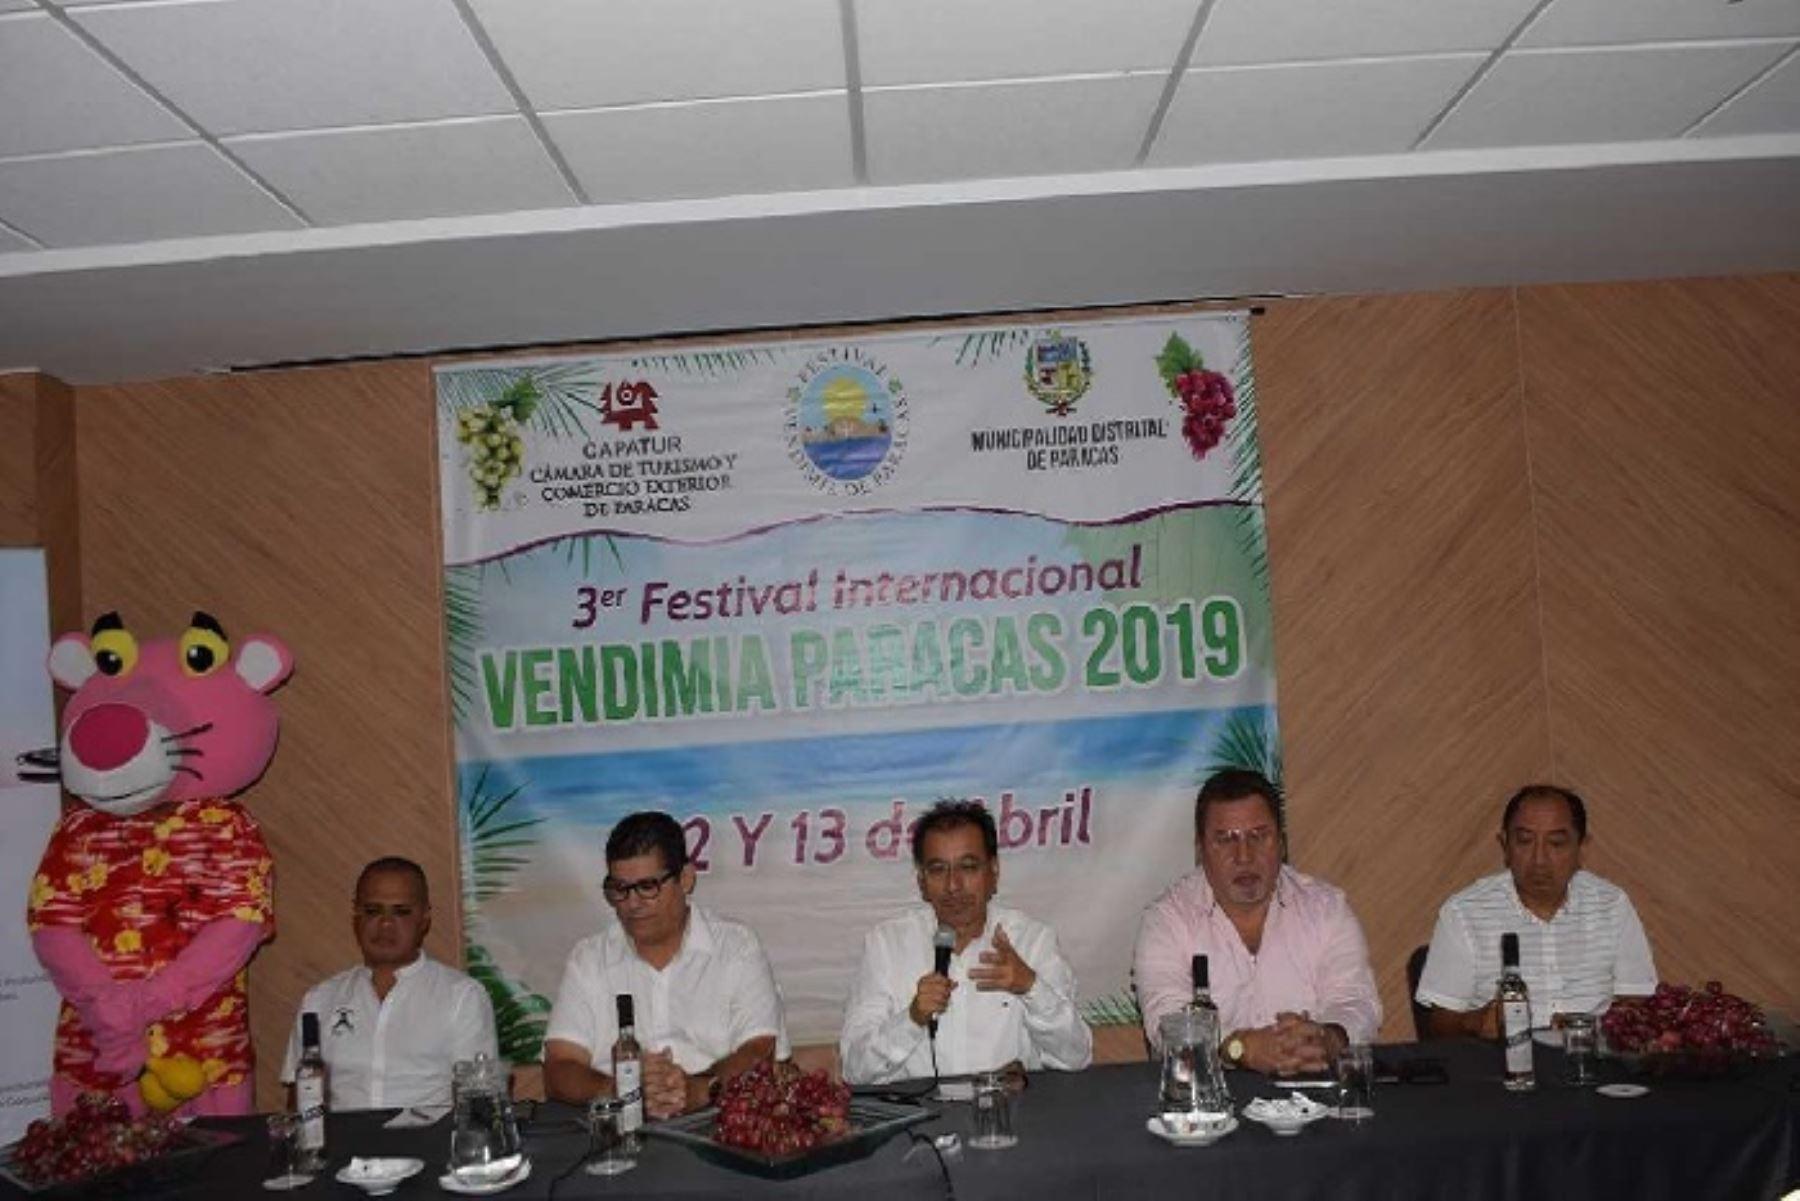 Alrededor de 10,000 visitantes captará el III Festival Internacional de La Vendimia – Paracas 2019, en la región Ica, a realizarse del 12 al 13 de abril próximo, estimó el presidente de  la Cámara de Turismo y Comercio Exterior de Paracas (Capatur), Eduardo Jáuregui.